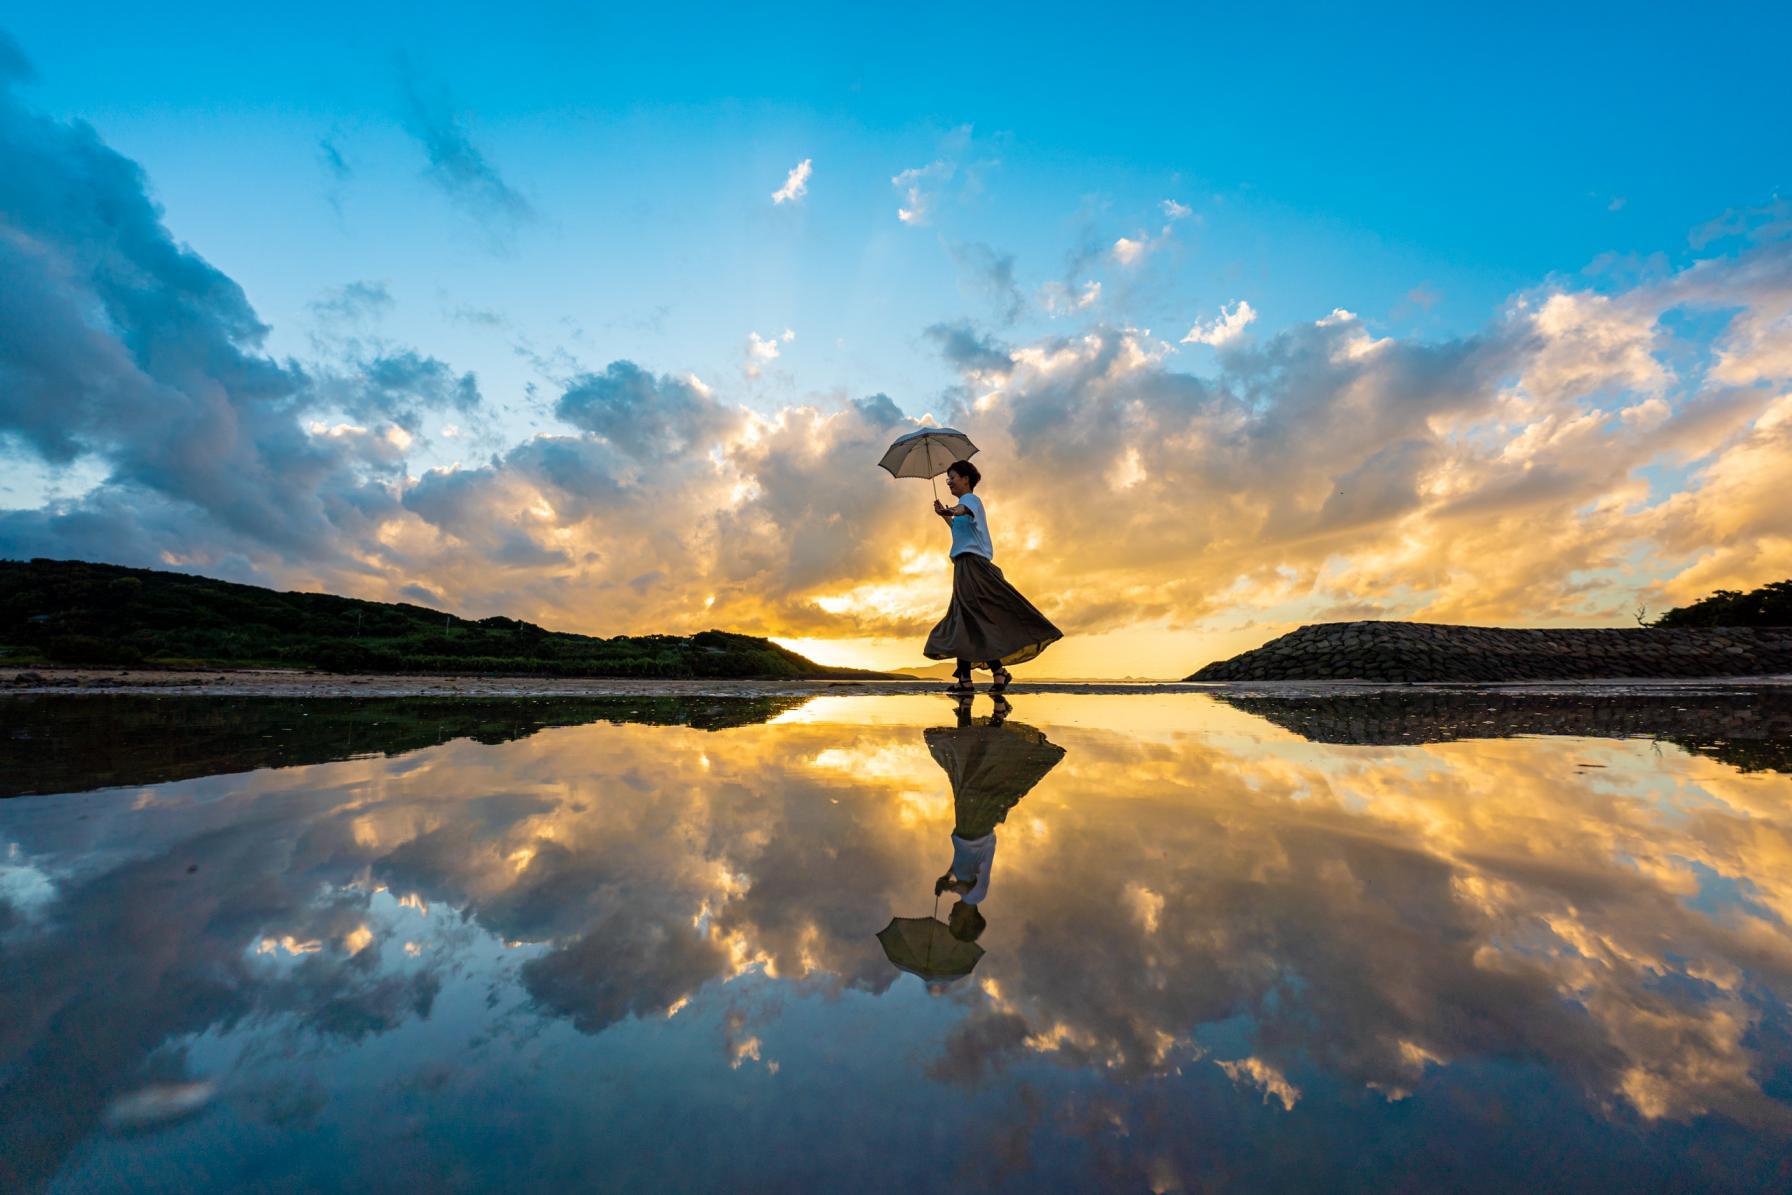 九州で!?ウユニ塩湖のような写真が撮れる!松浦の大崎海水浴場へGO!-1